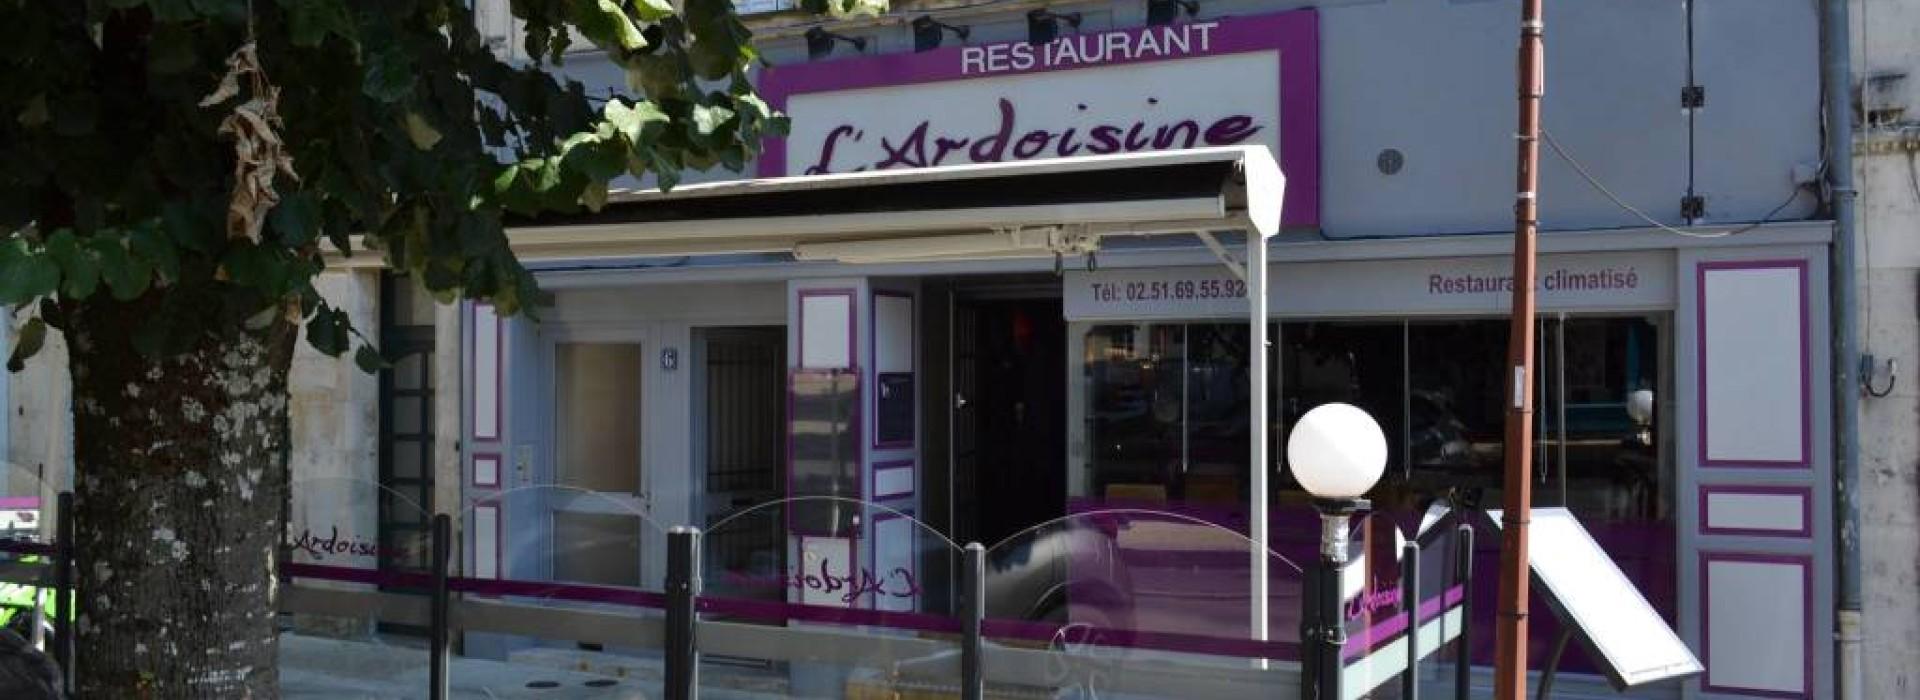 Restaurant L Ardoisine Restaurants France Pays De La Loire